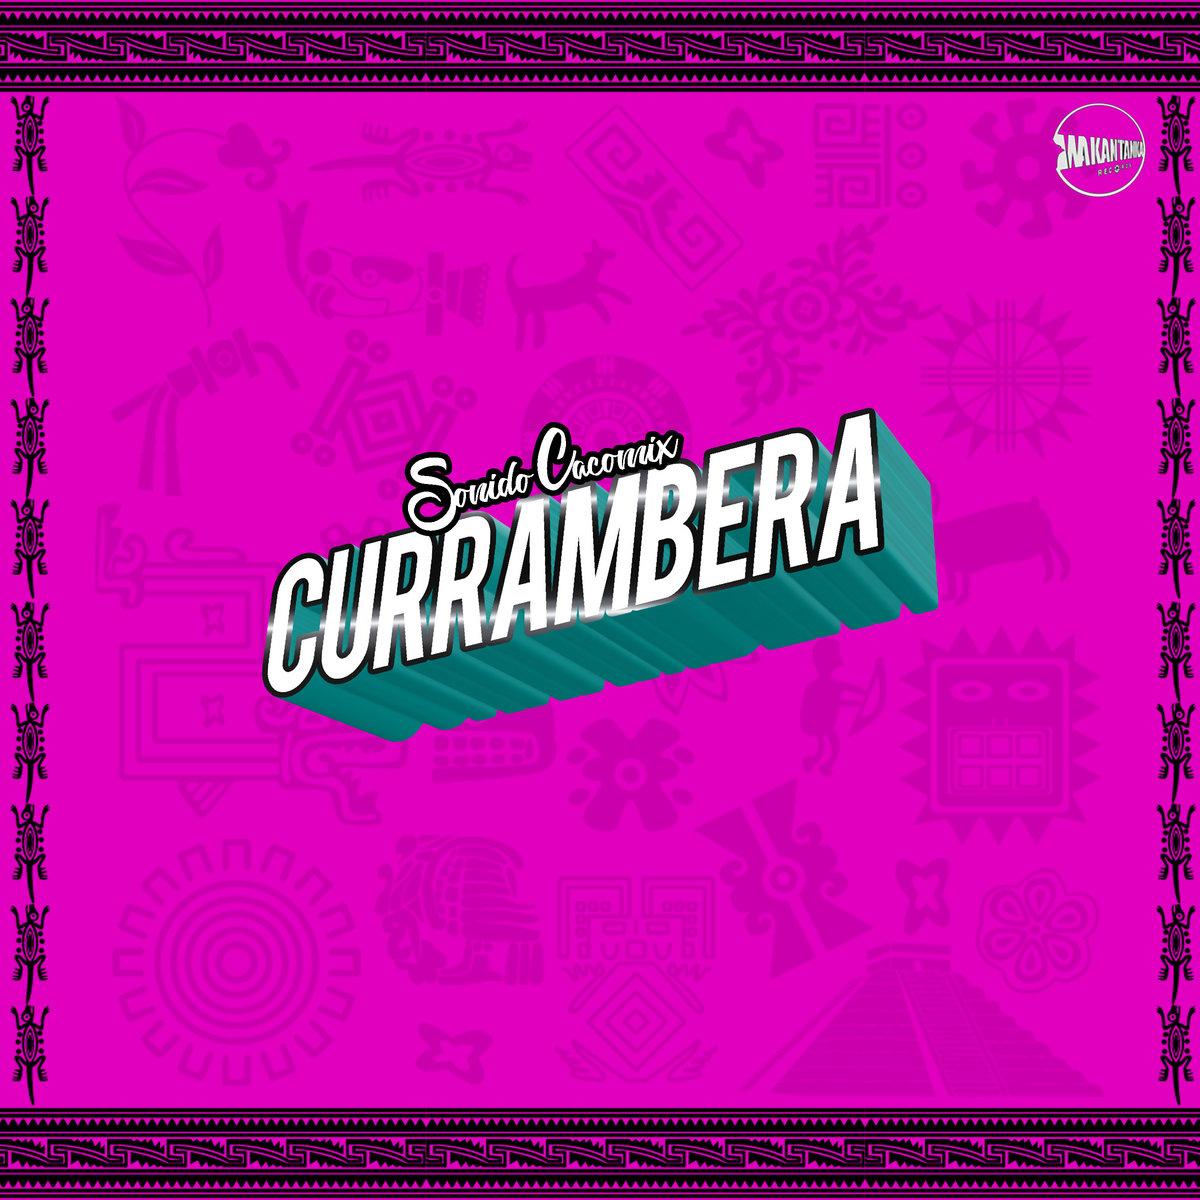 la_currambera_cumbia